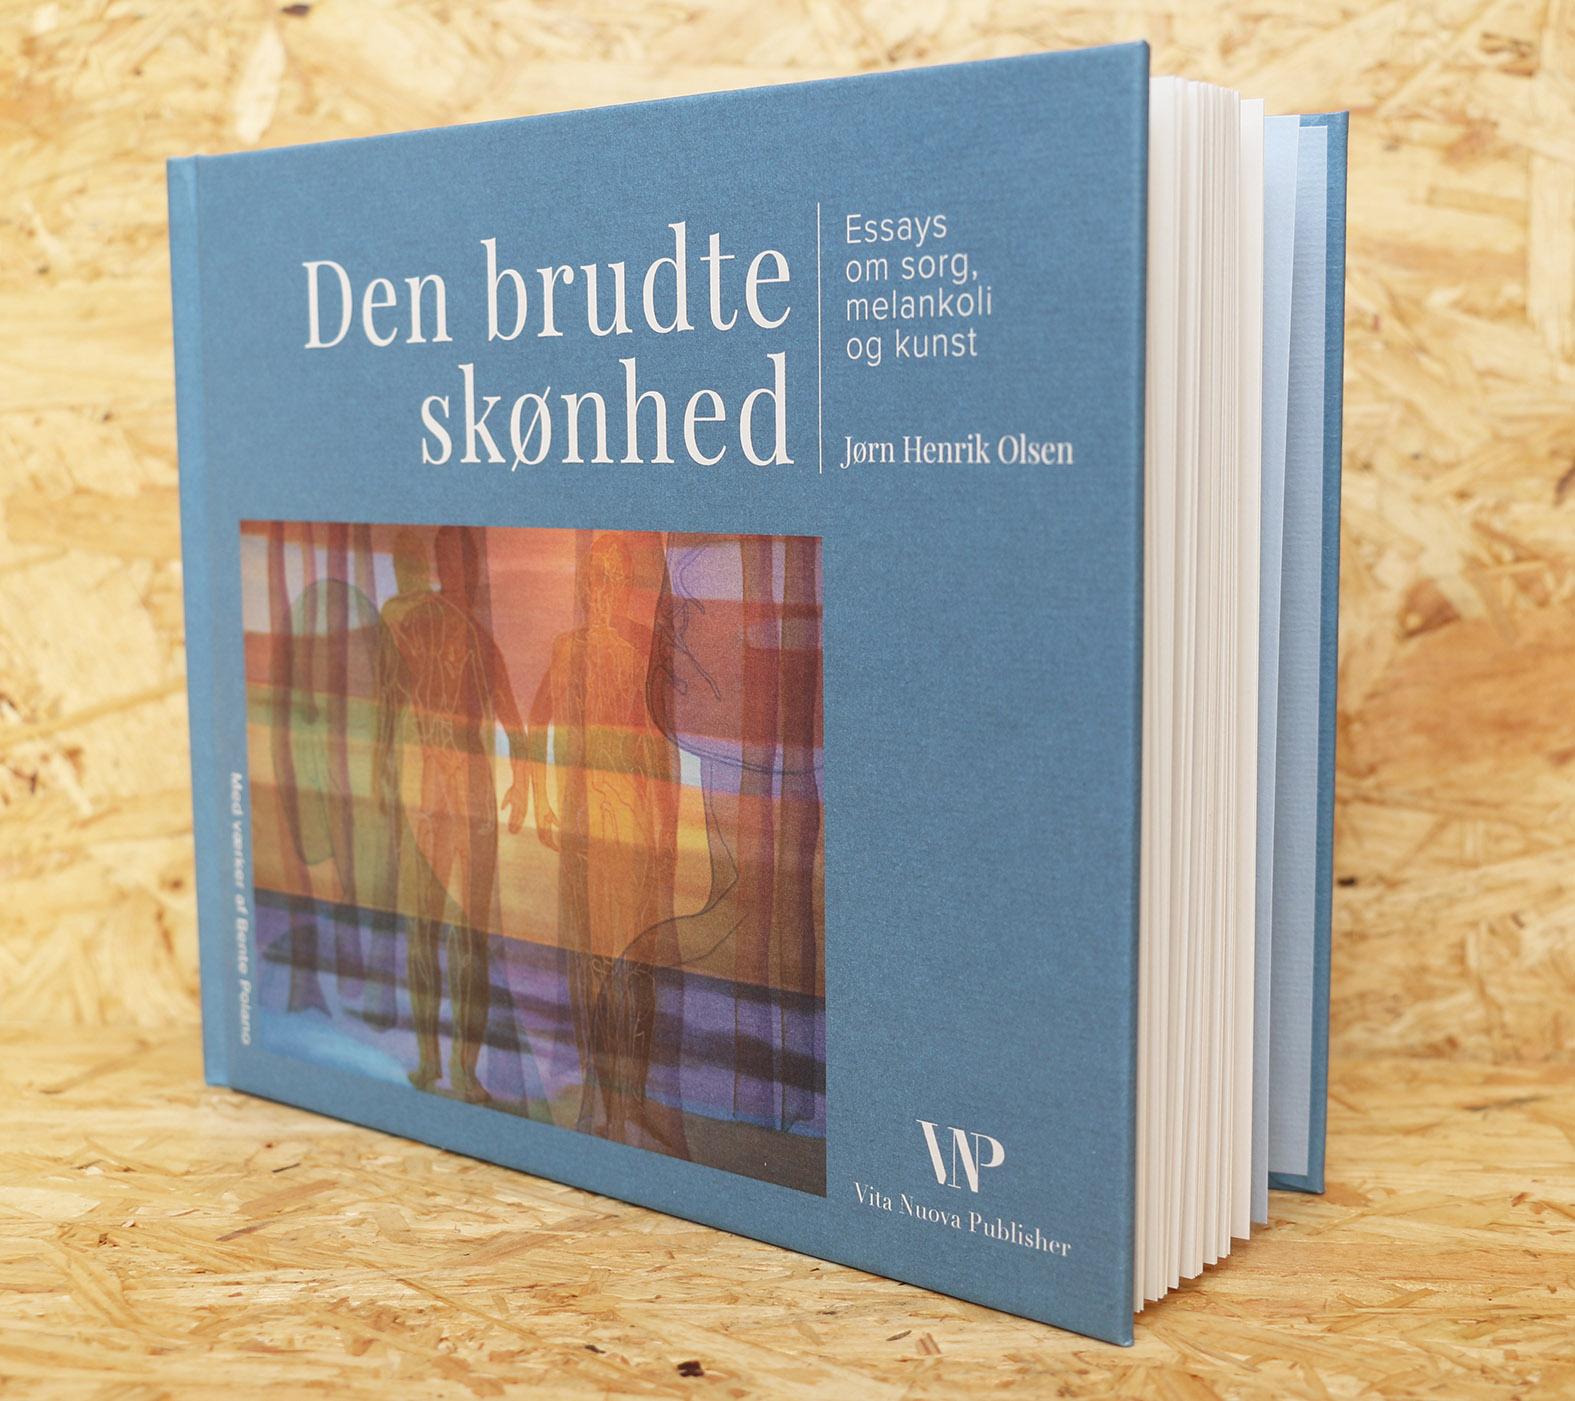 Bogdesign_Den_brudte_skønhed_forside